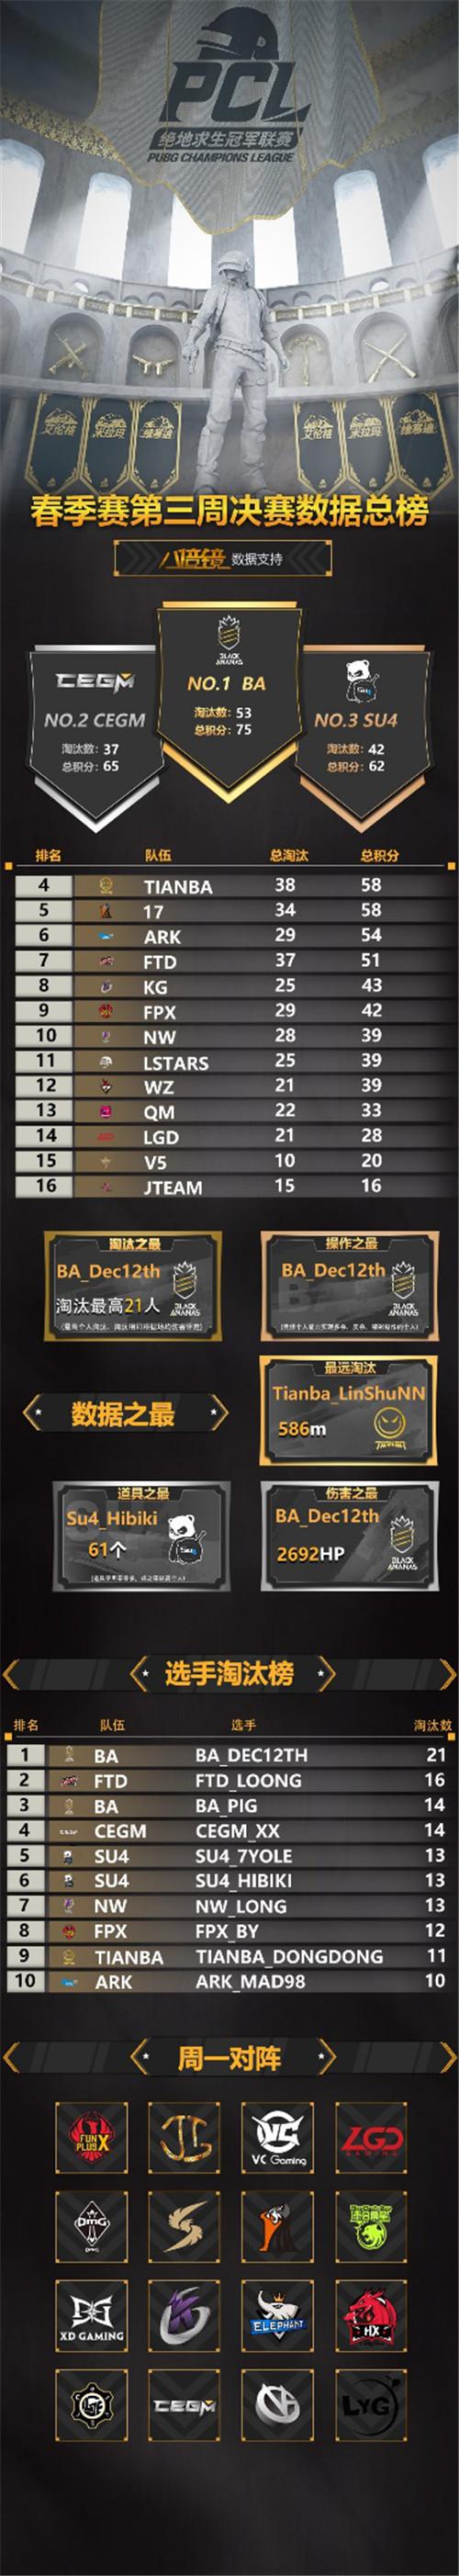 一黑到底 BA战队代表米拉玛拿下第三周周冠军!